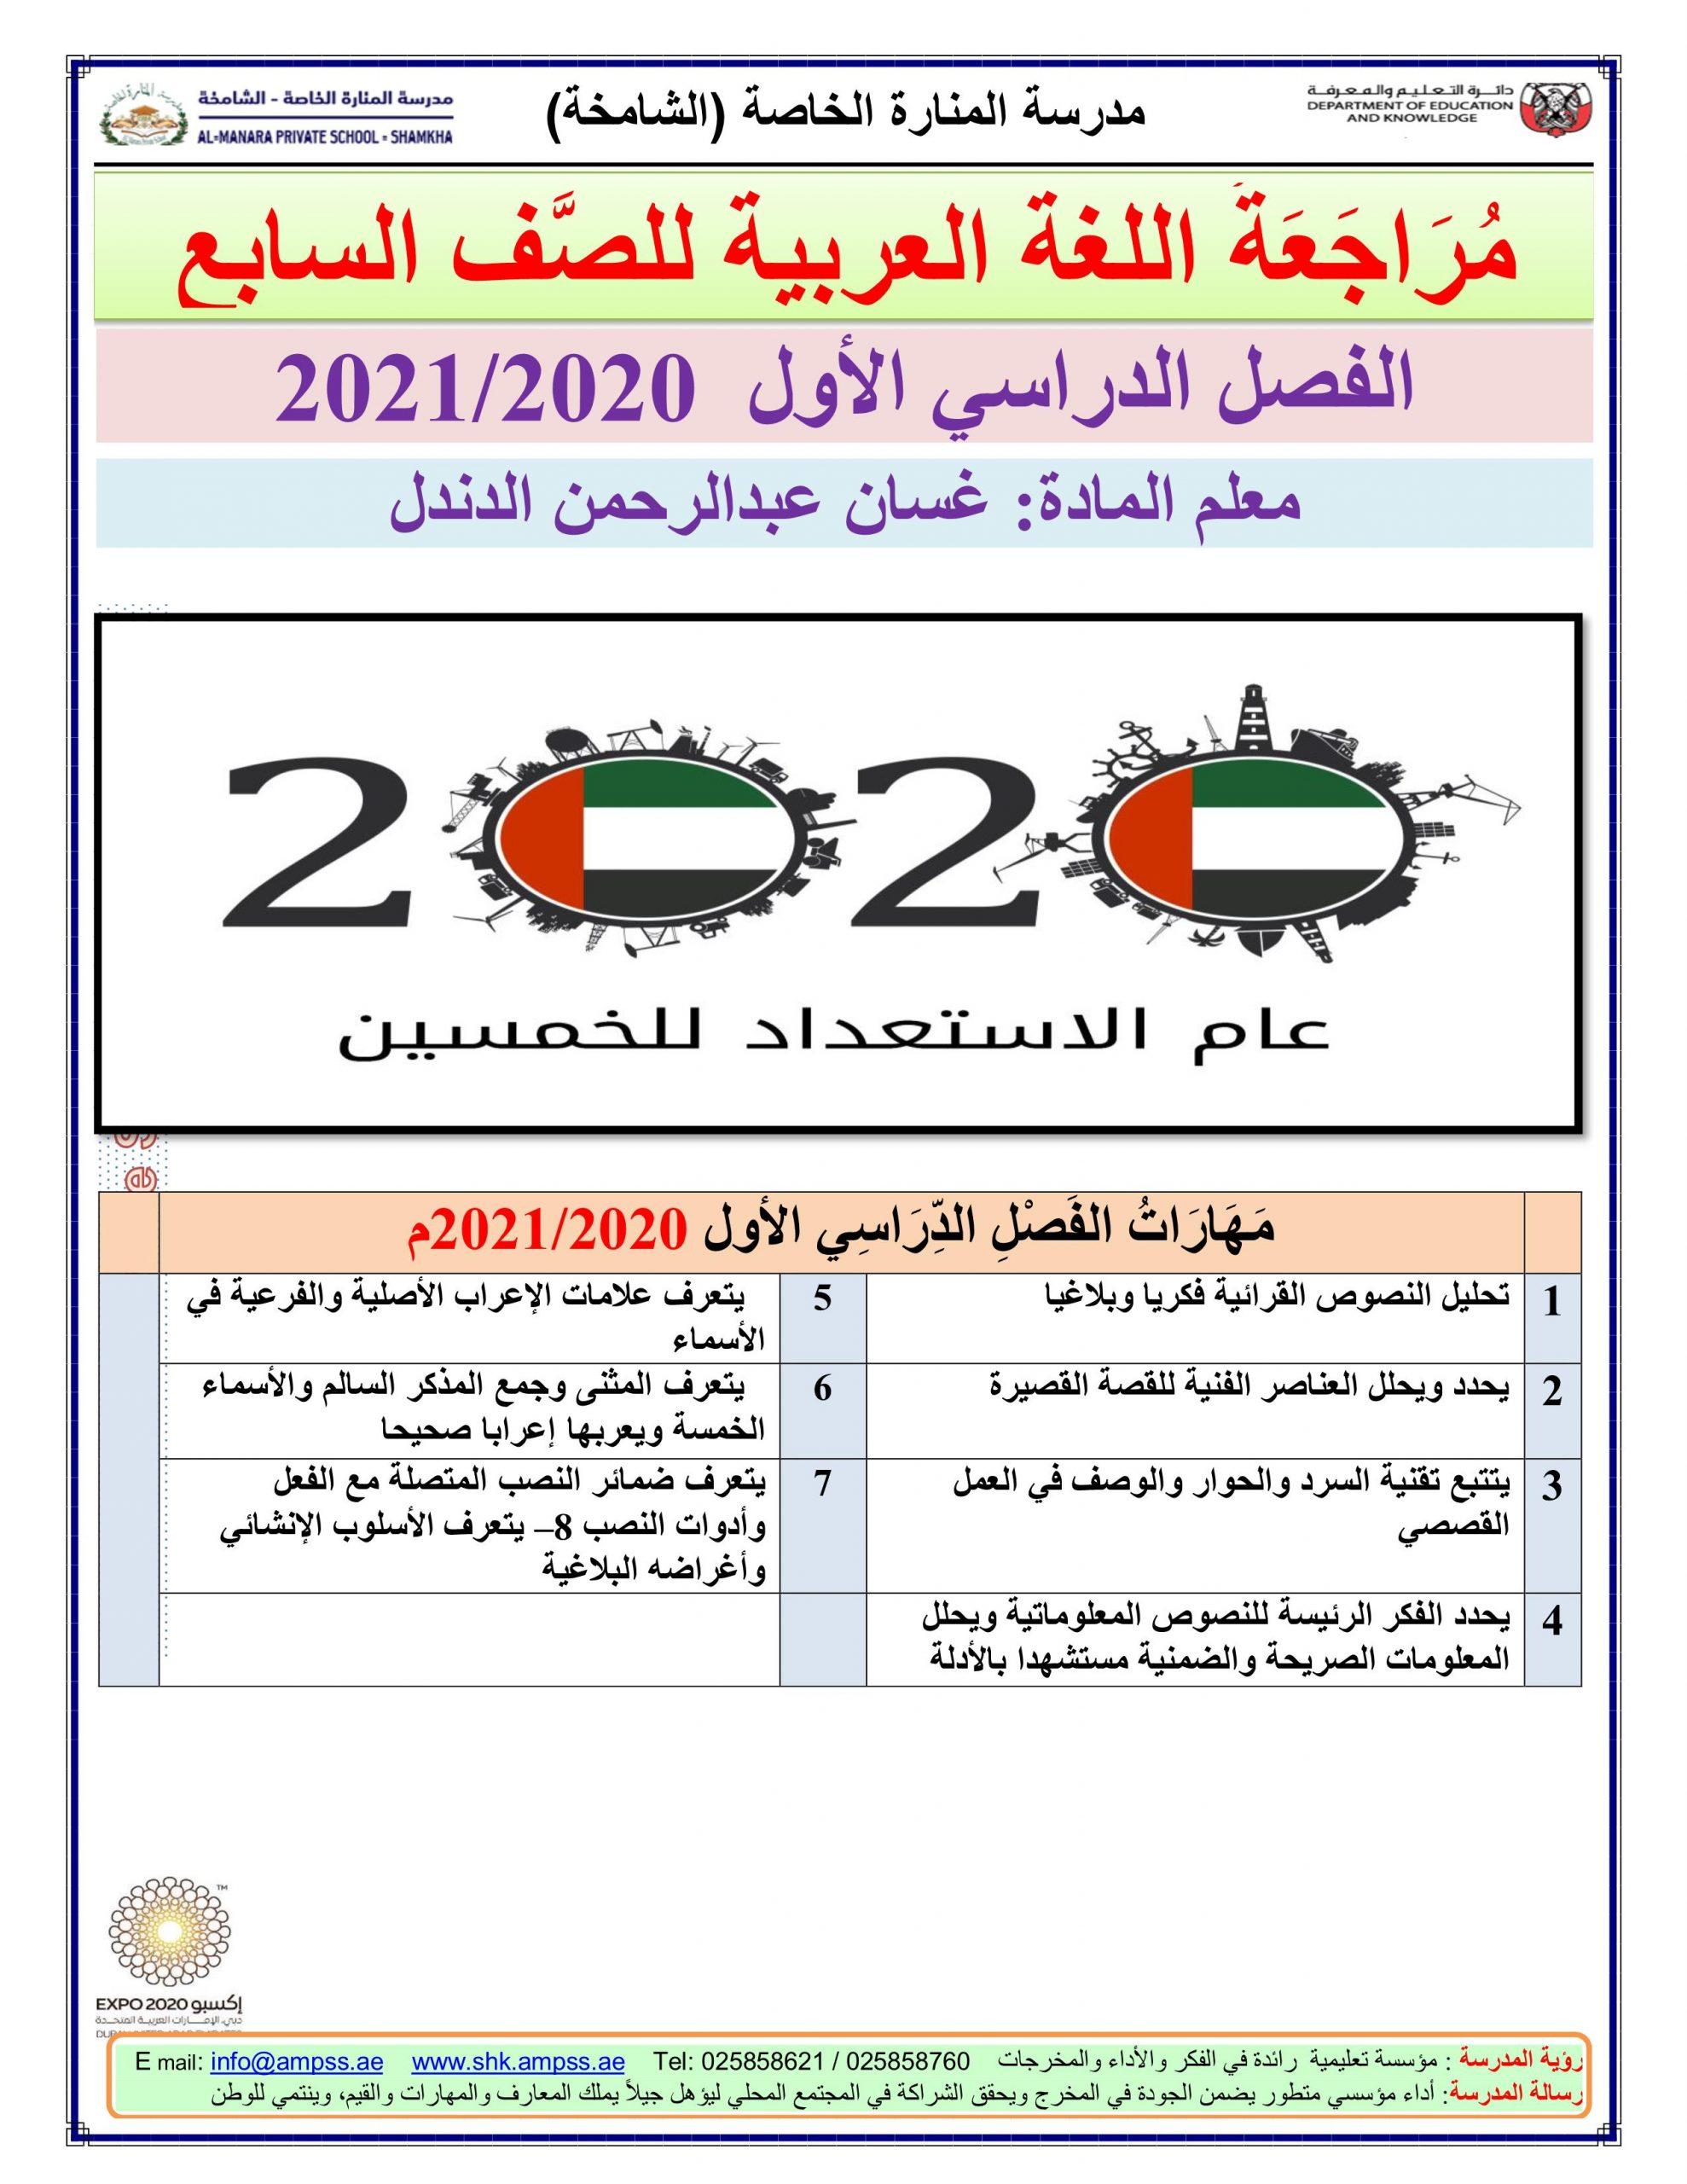 اوراق عمل متنوعة مراجعة عامة الصف السابع مادة اللغة العربية